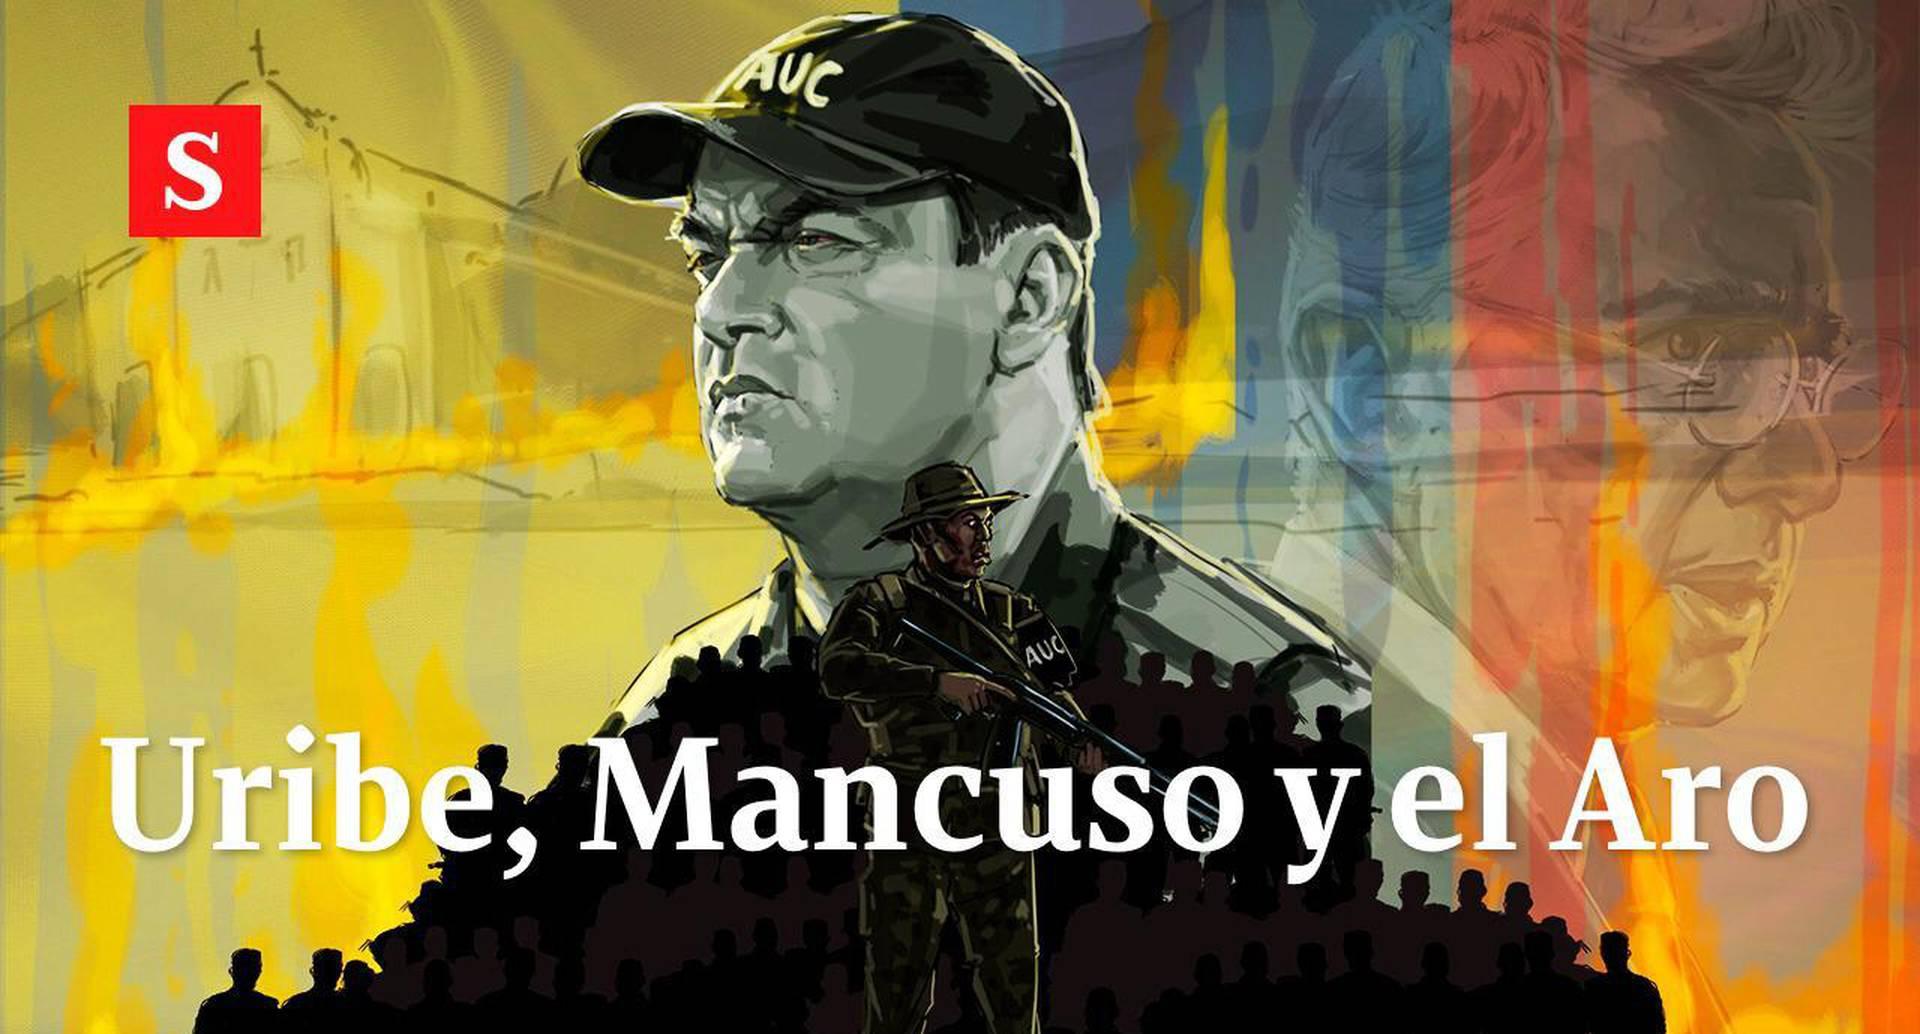 El testimonio de Salvatore Mancuso es importante para esclarecer qué sucedió en la masacre que tuvo lugar en octubre de 1997.